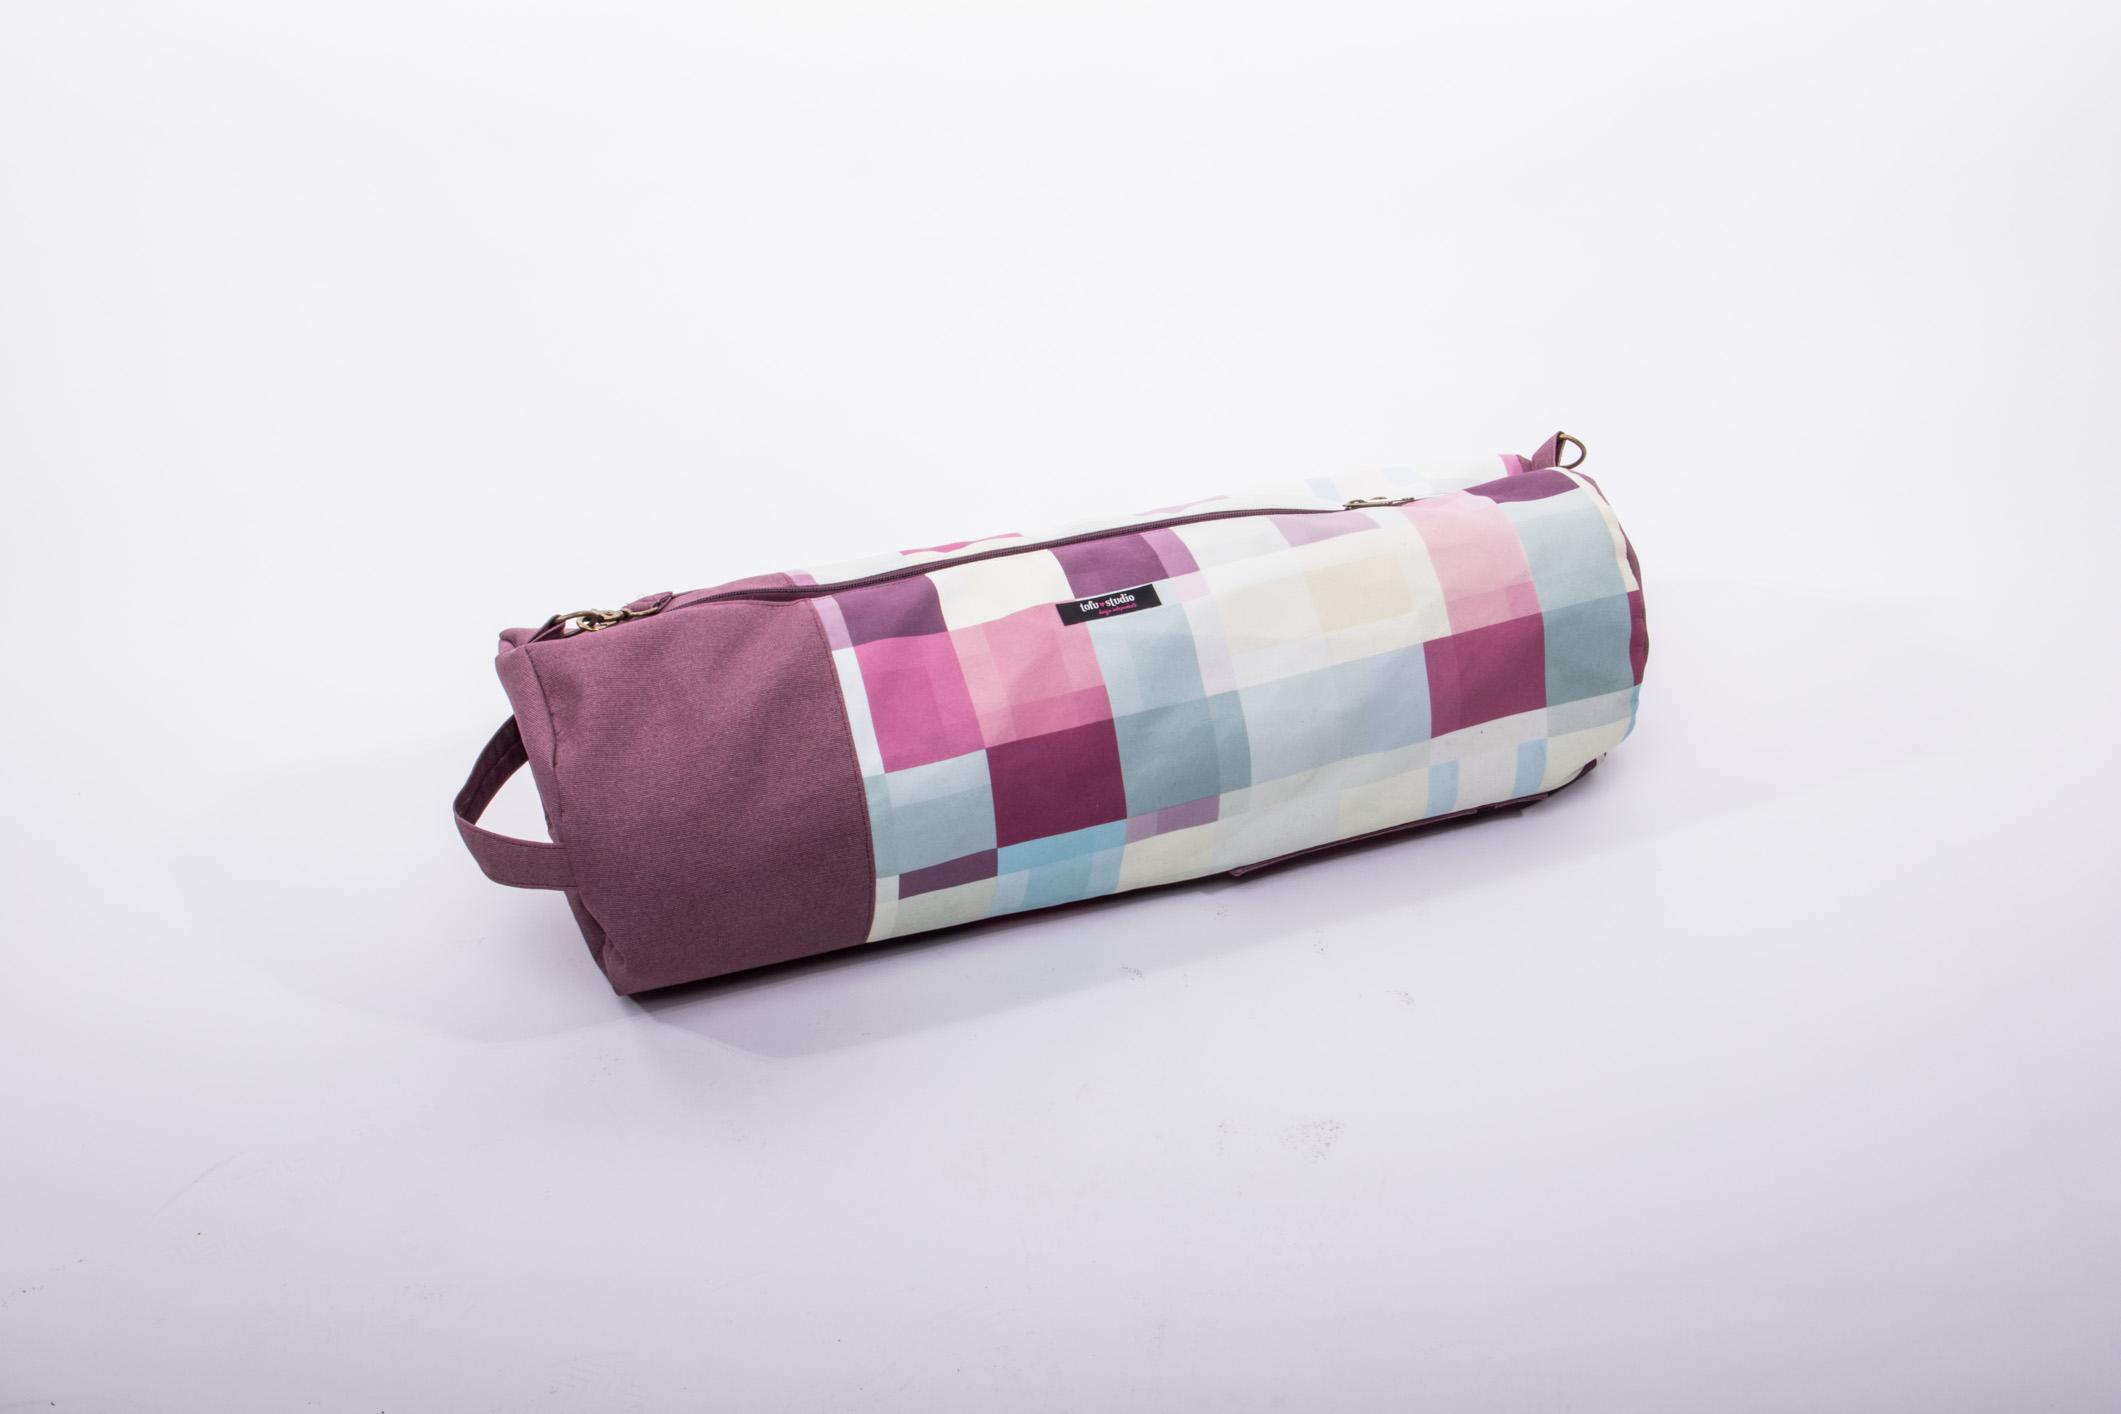 Essa bolsa é super eficiente para levar o match, o tapetinho de yoga